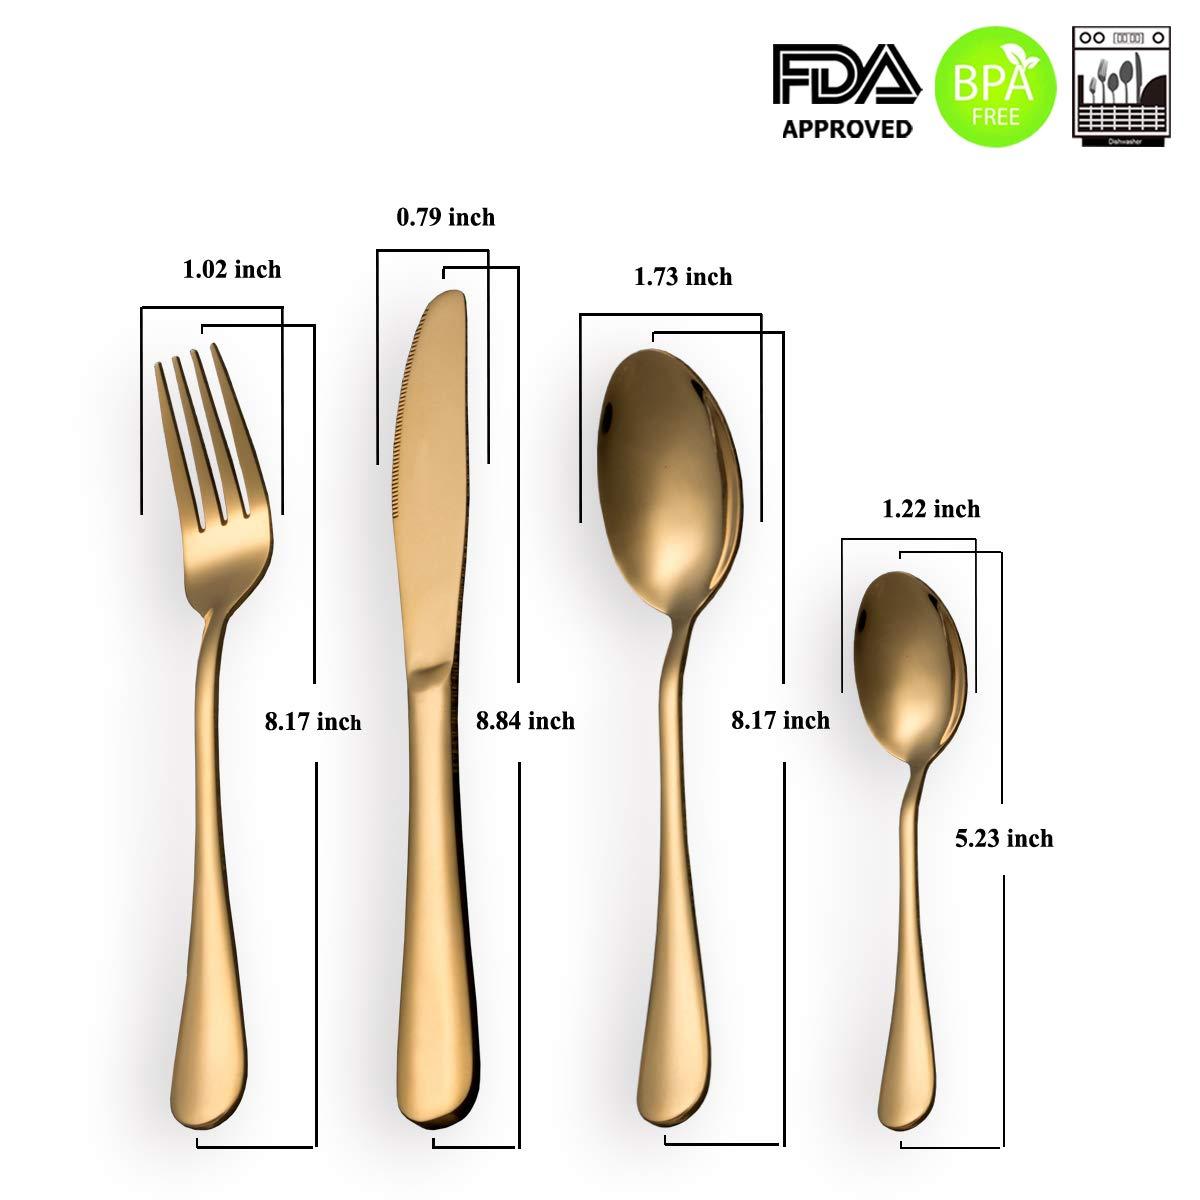 HOMQUEN Cubiertos Set 24 Piezas Moderno chapado en oro de acero inoxidable Set de cubiertos, cuchillo cucharas cucharas Set, servicio para 6